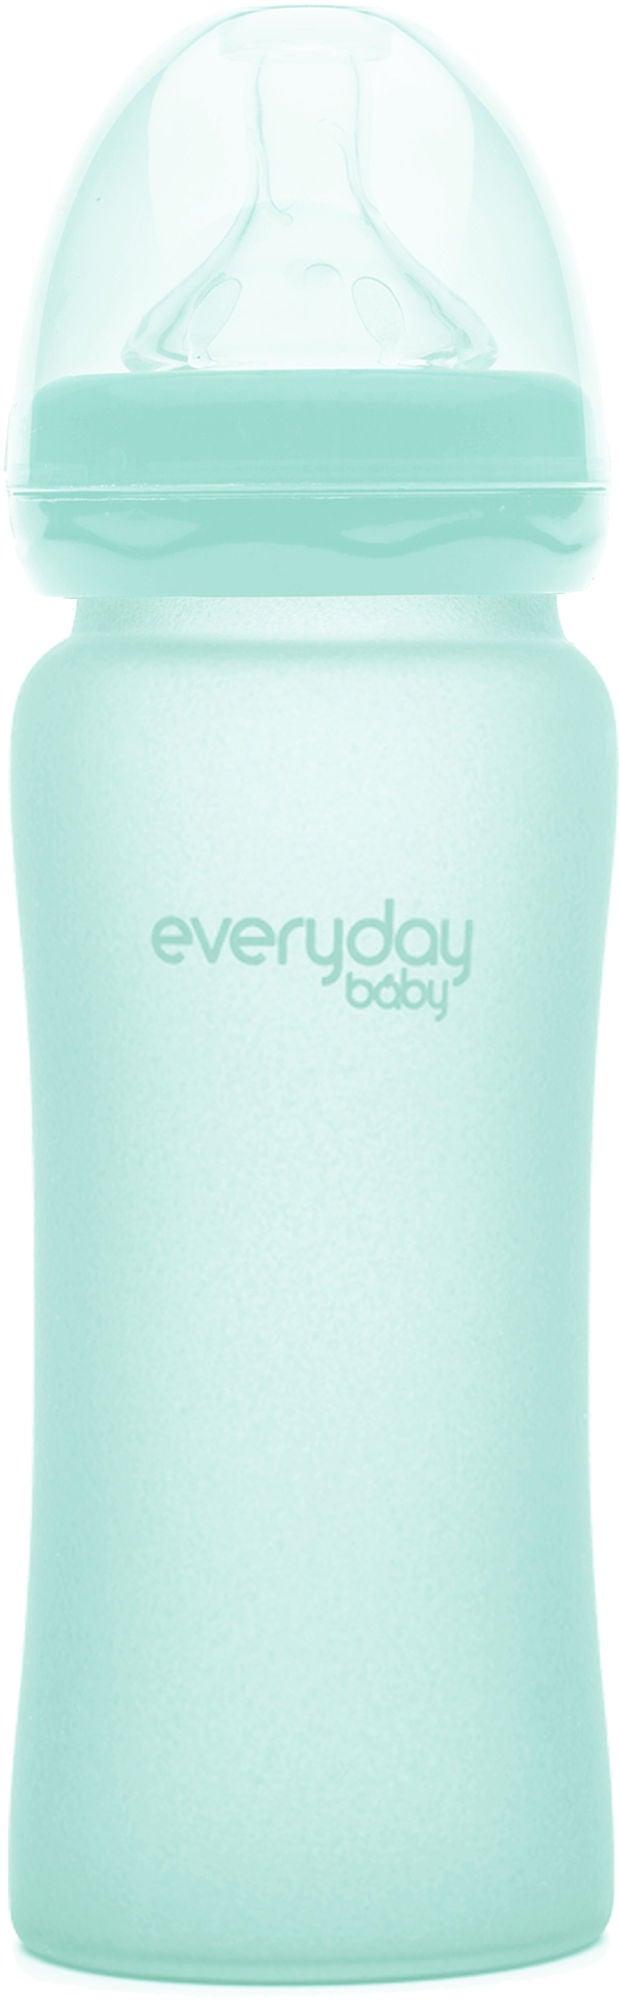 Everyday Baby Nappflaska 300 ml, Mint Green